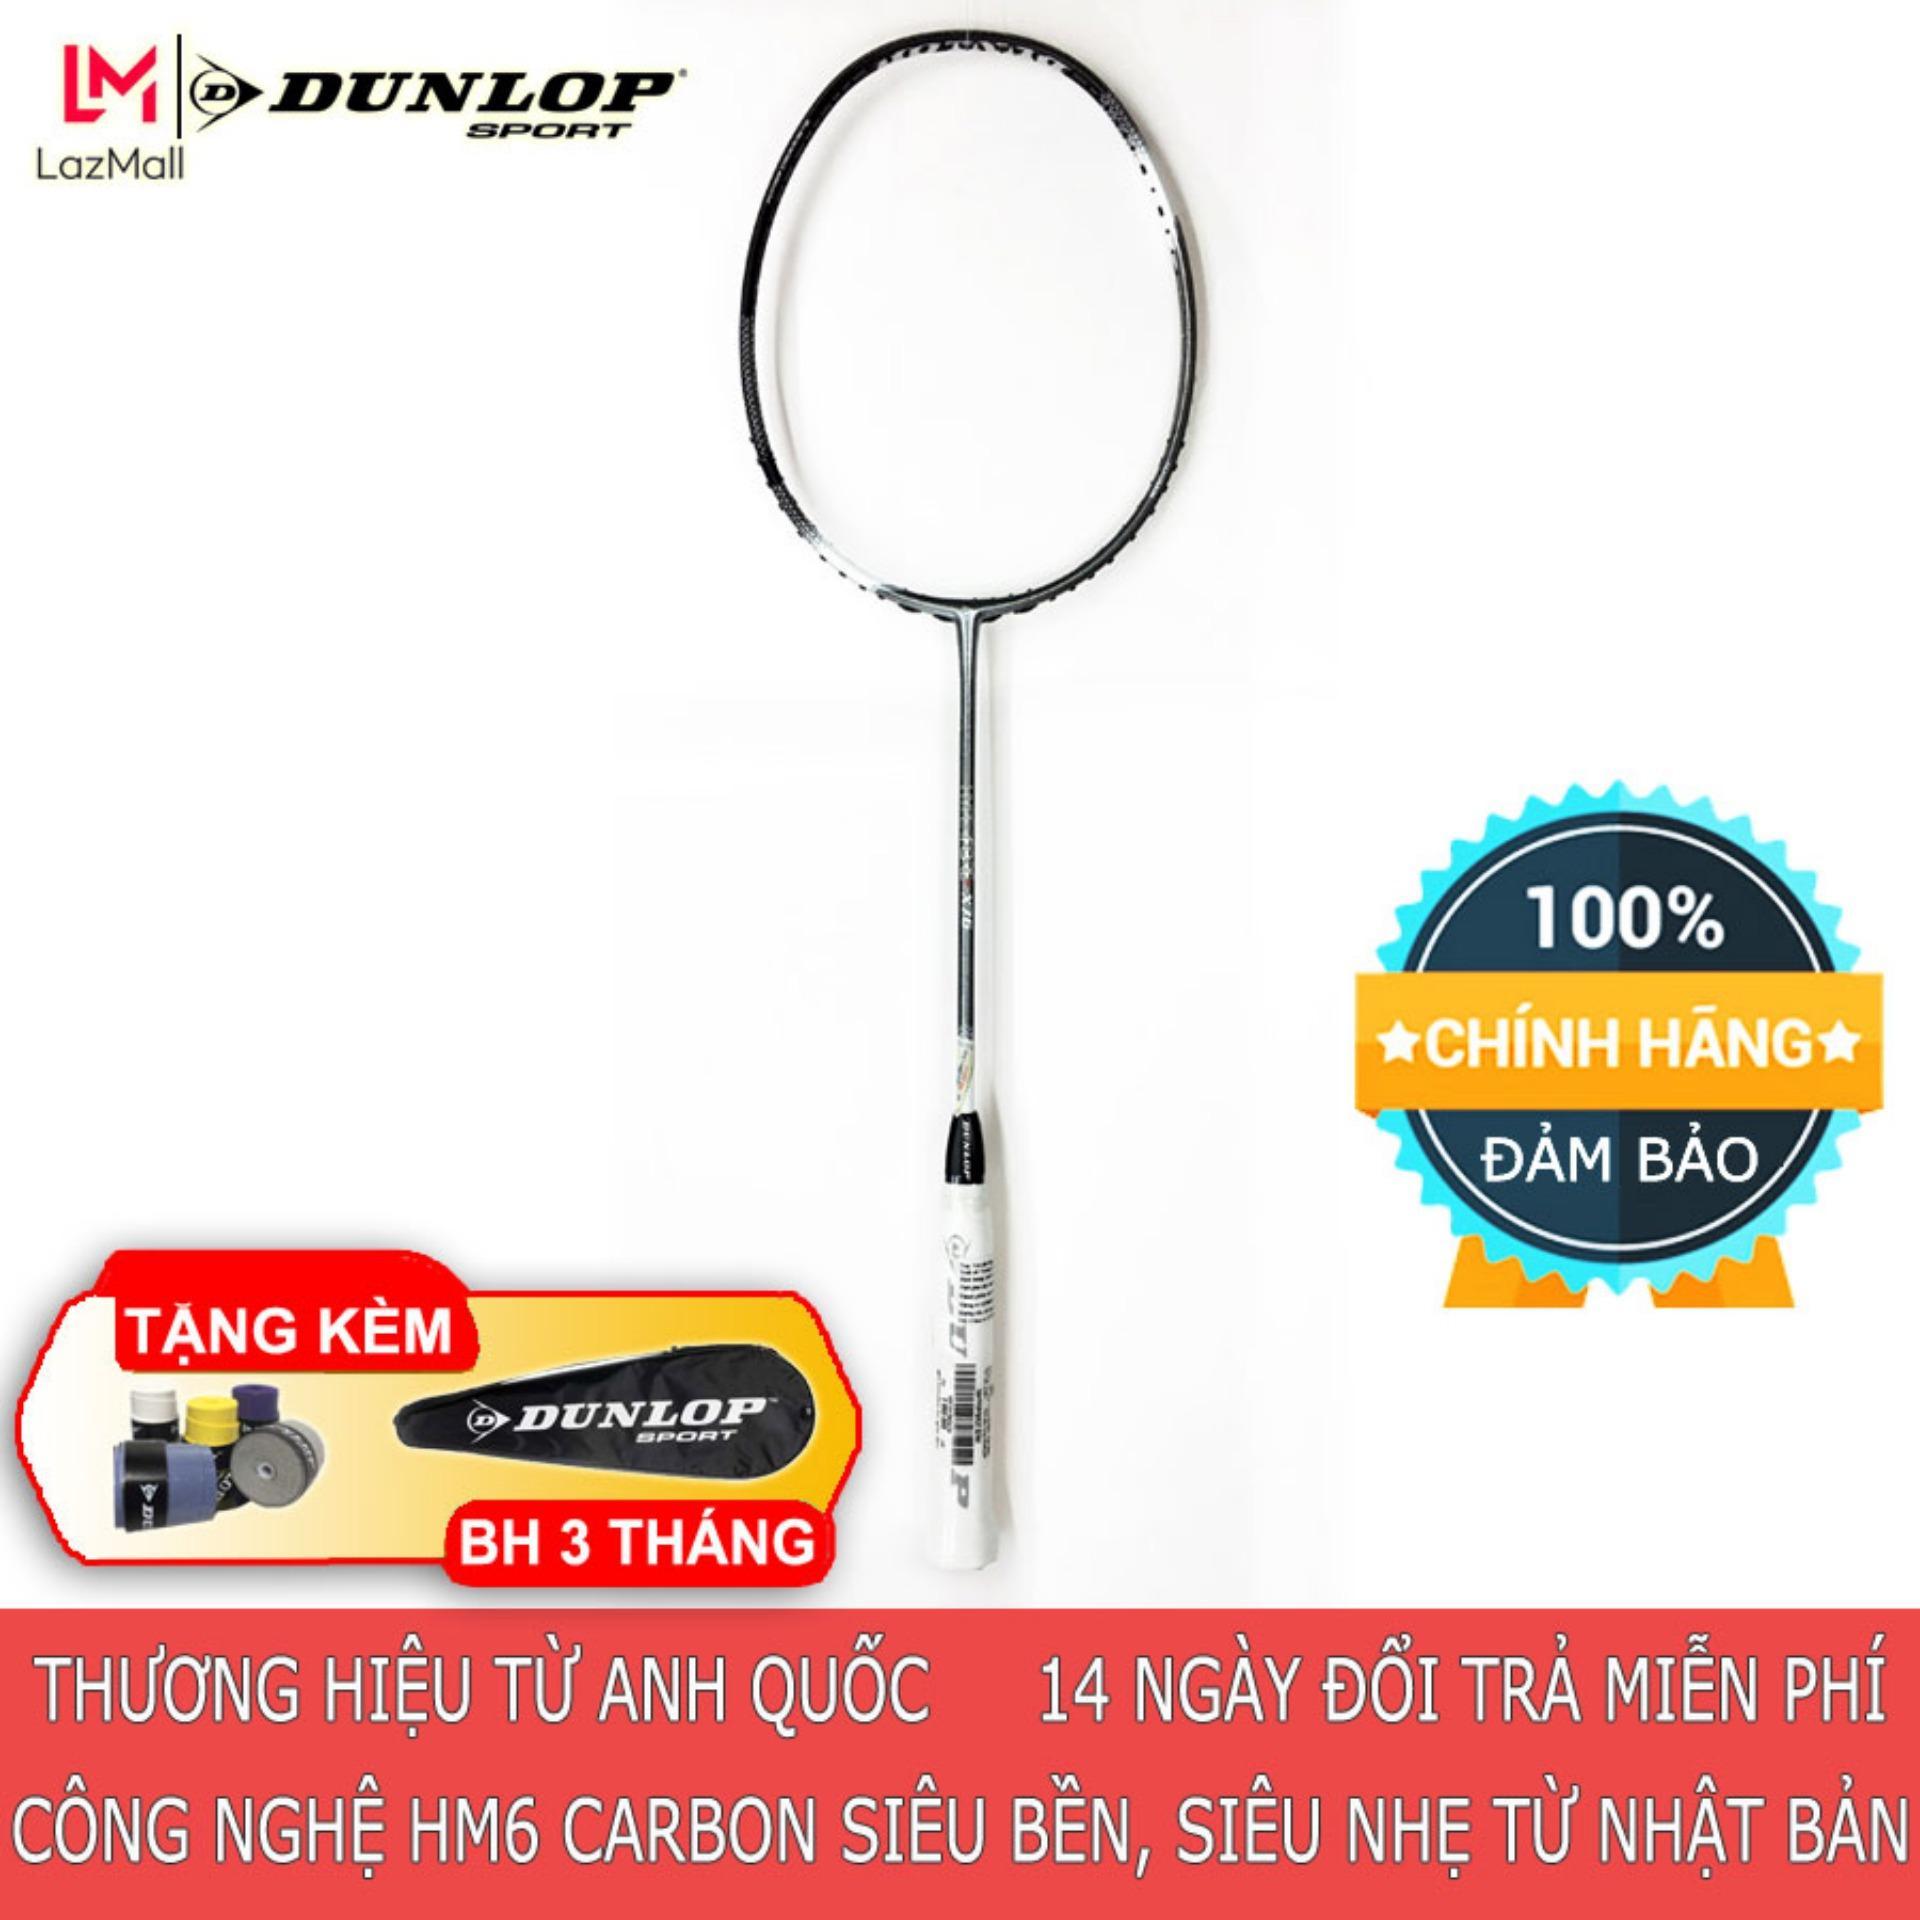 Bảng giá DUNLOP - Vợt cầu lông Dunlop HYPER FIBRE X7.6 G1 Thương hiệu từ Anh Quốc Đổi trả miễn phí (vợt, dụng cụ, cầu lông, badminton, vợt cầu lông rẻ)